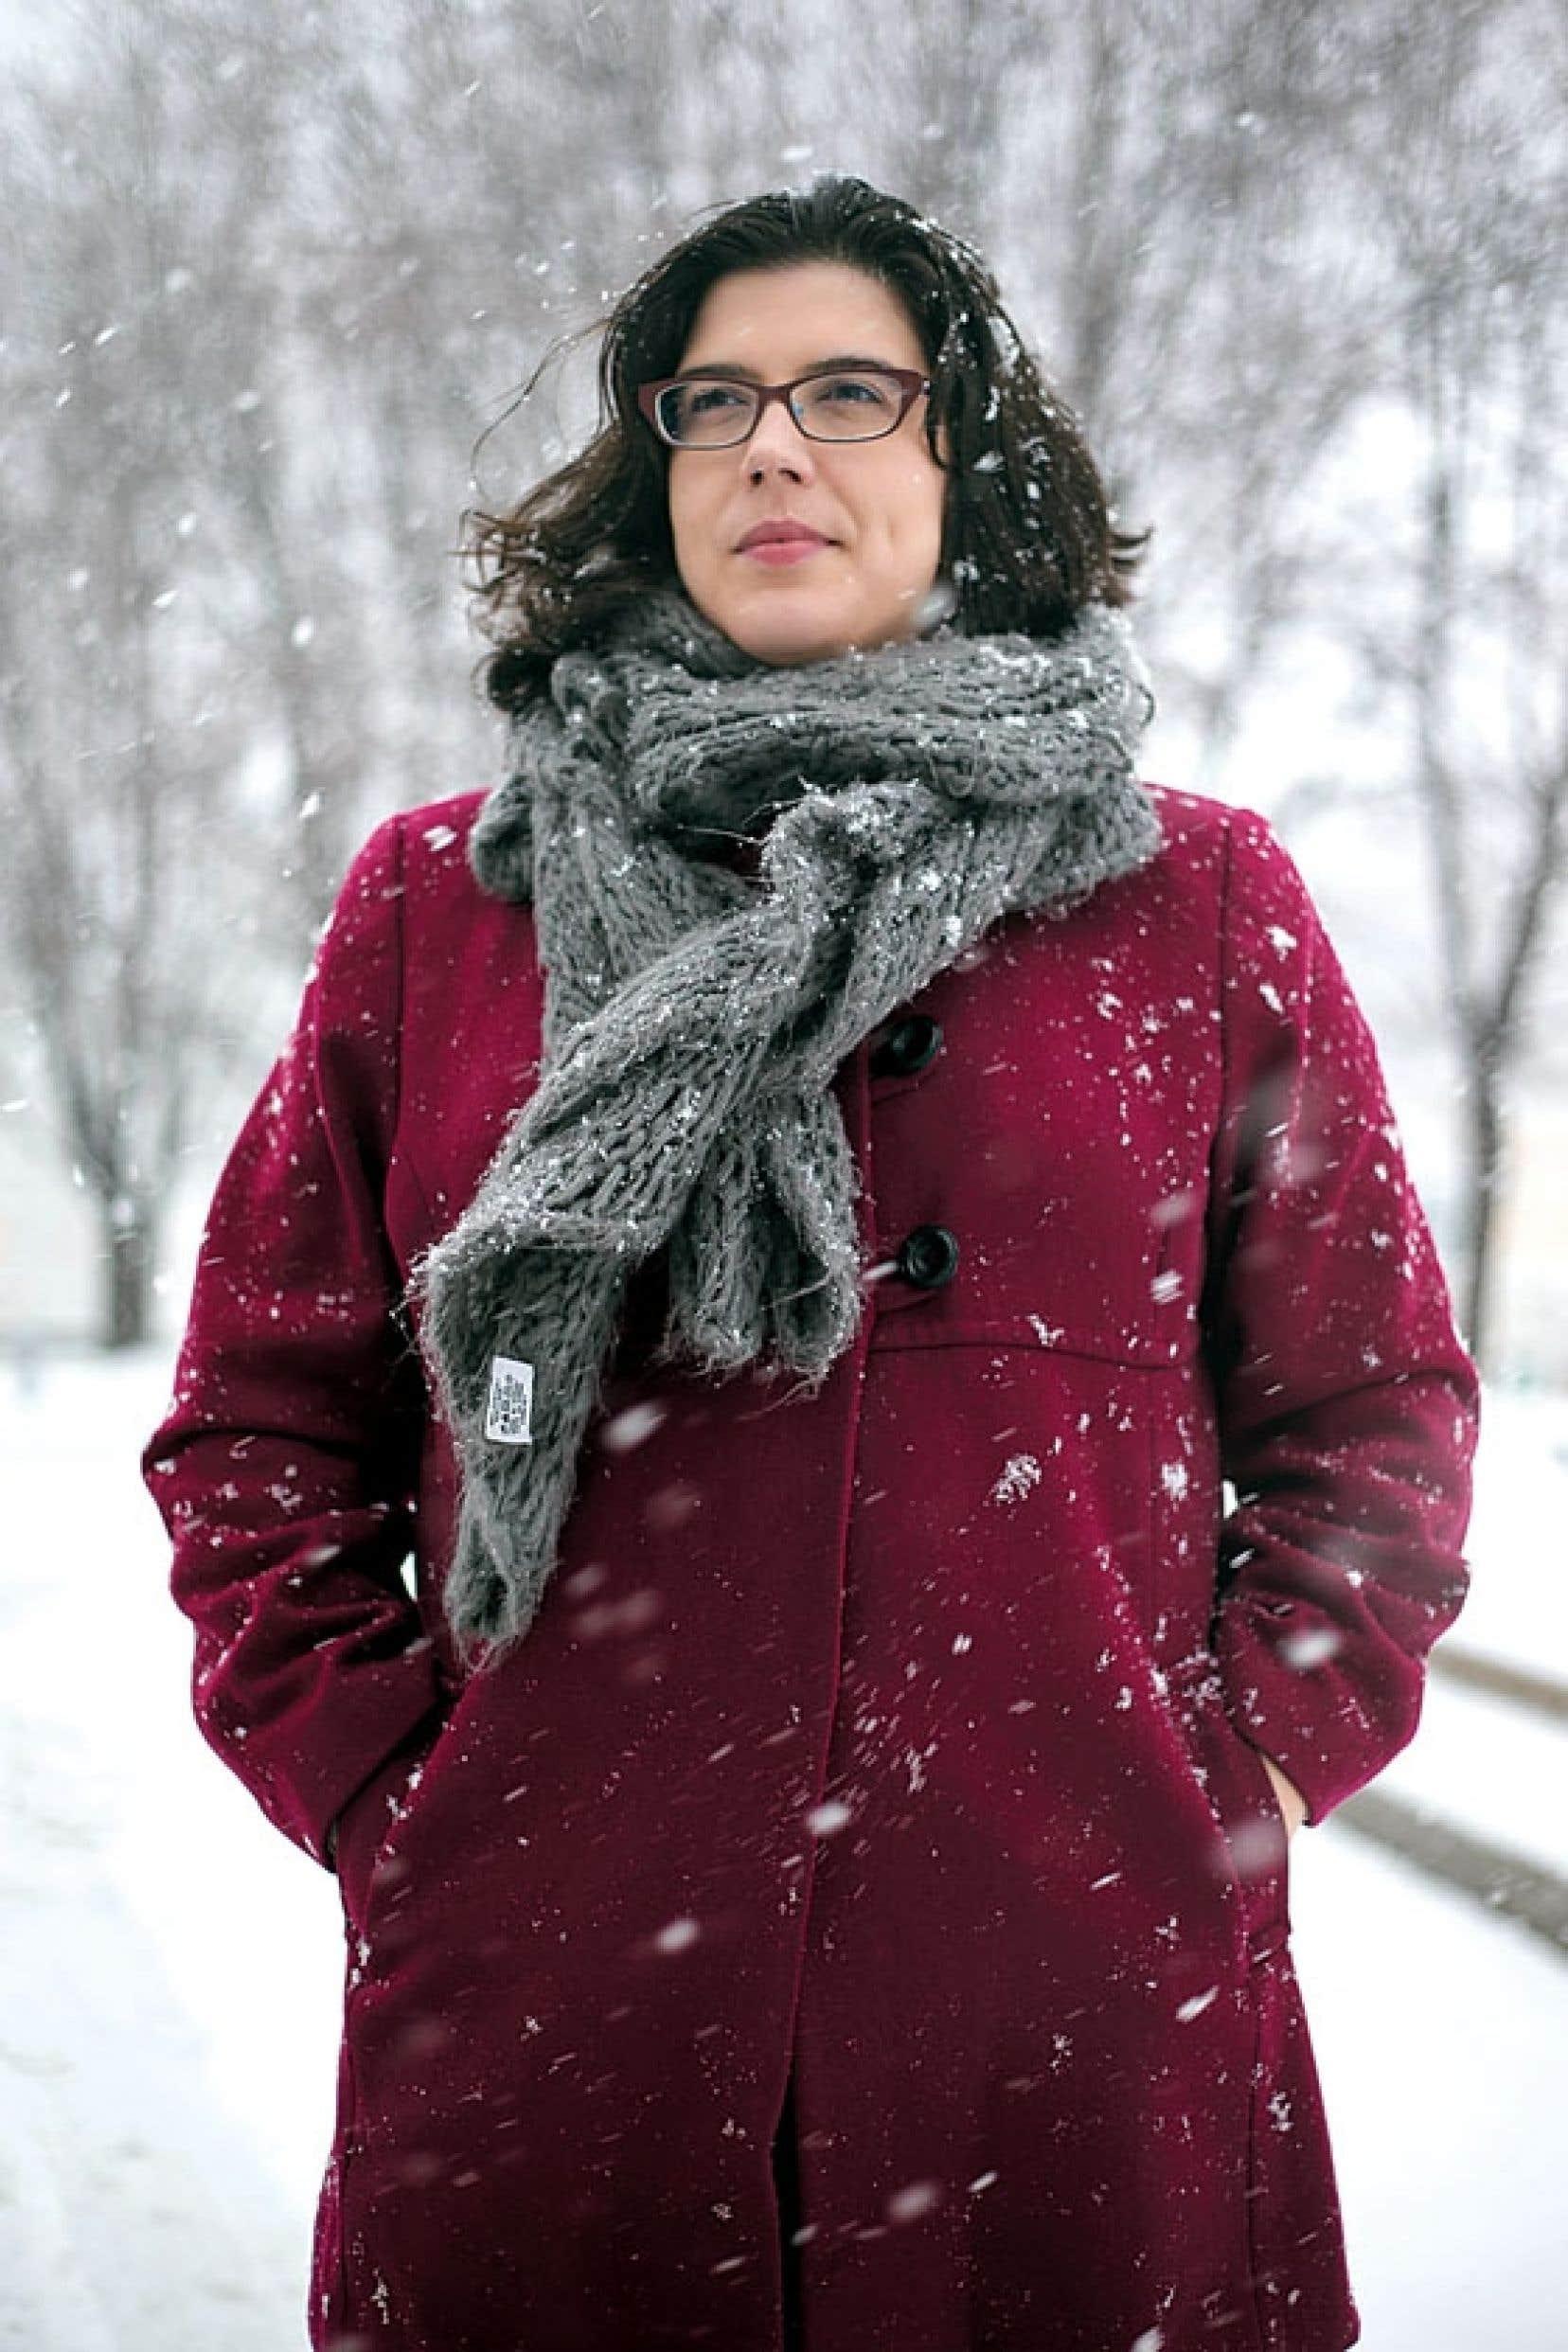 Politologue de formation la blogueuse, Catherine Voyer-Léger est une intellectuelle féministe qui ne craint pas de bousculer les idées reçues.